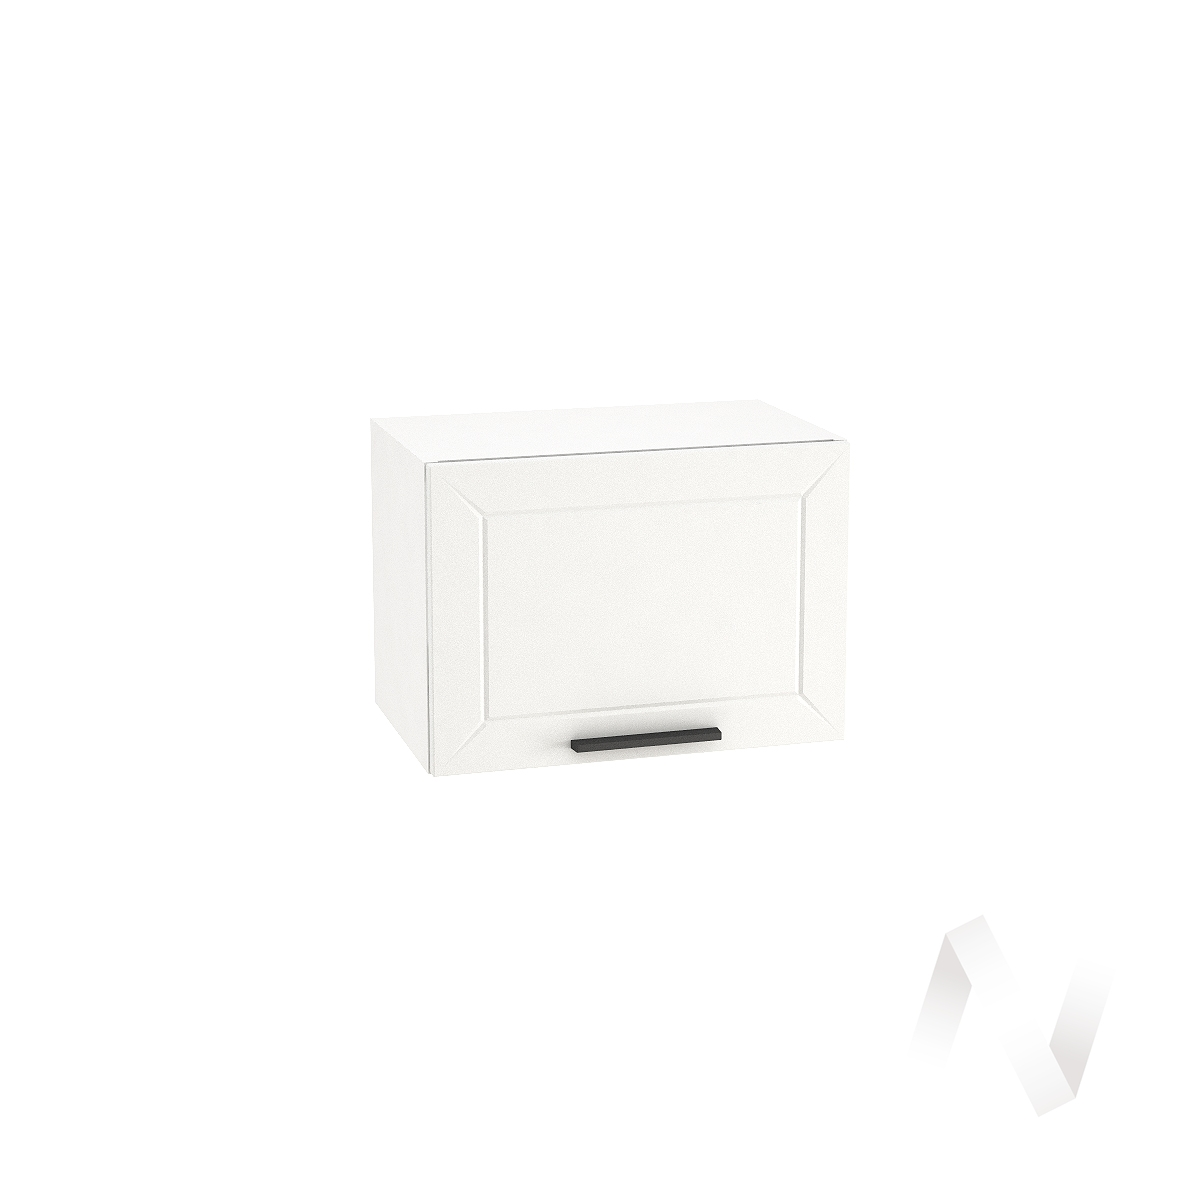 """Кухня """"Глетчер"""": Шкаф верхний горизонтальный 500, ШВГ 500 (Айленд силк/корпус белый)"""